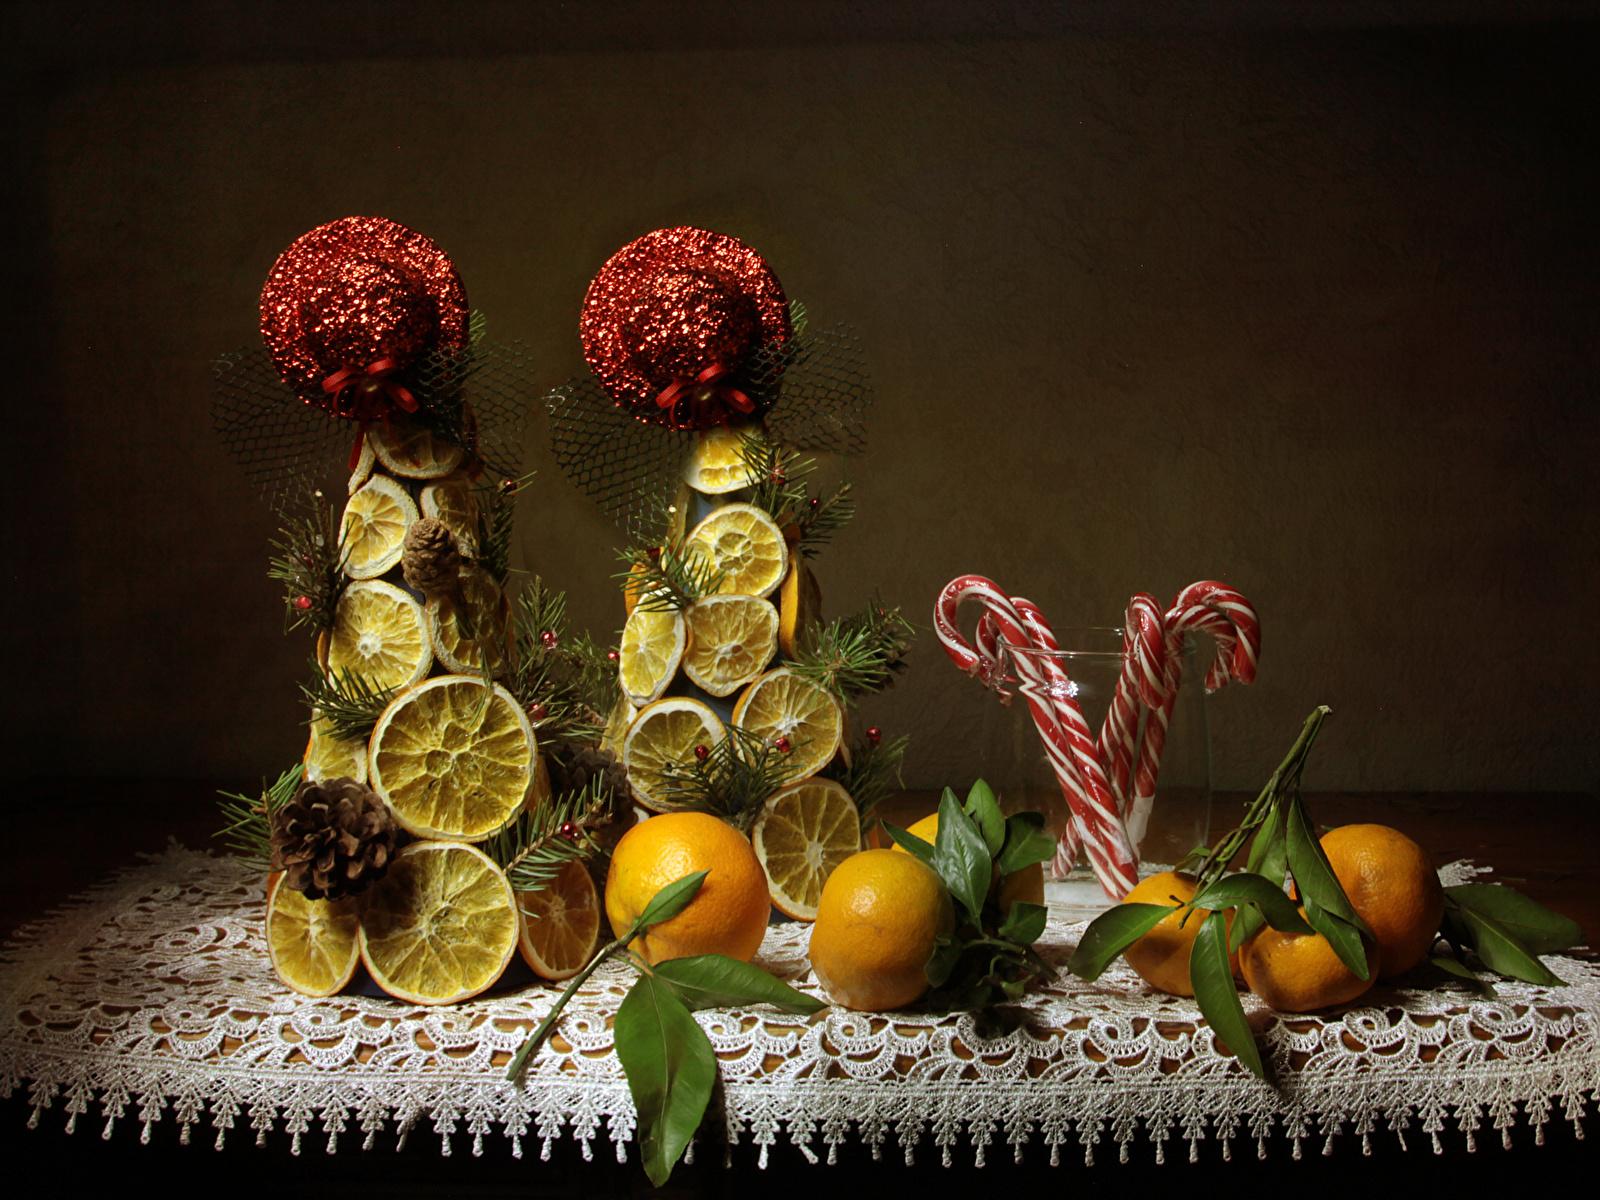 Картинка Мандарины Лимоны Пища Сладости дизайна 1600x1200 Еда Продукты питания сладкая еда Дизайн